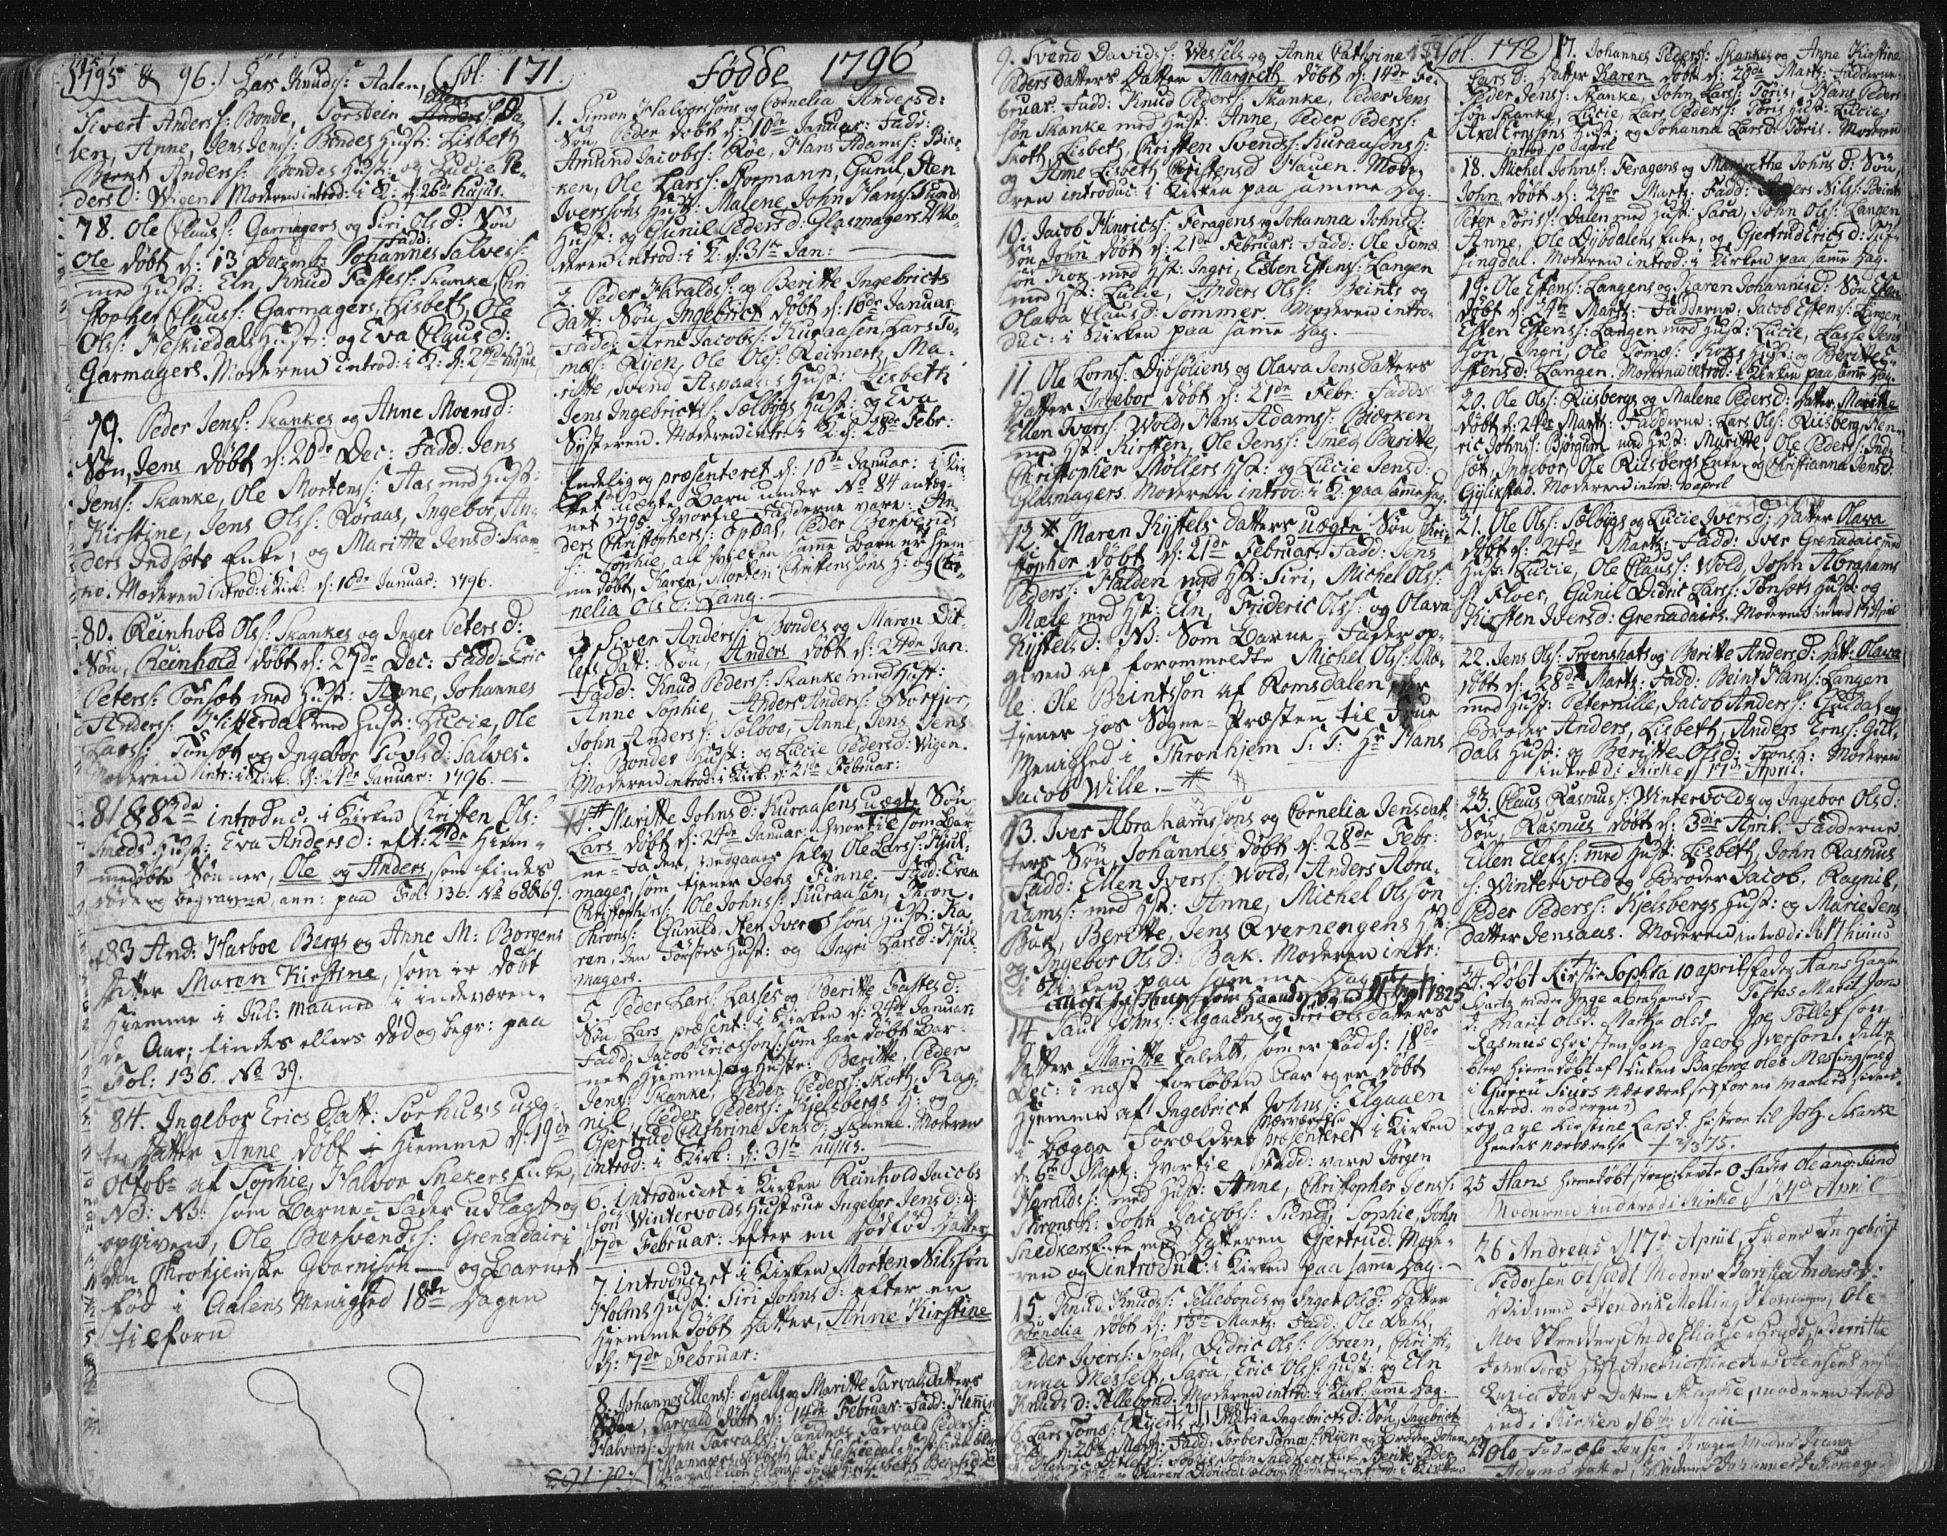 SAT, Ministerialprotokoller, klokkerbøker og fødselsregistre - Sør-Trøndelag, 681/L0926: Ministerialbok nr. 681A04, 1767-1797, s. 159